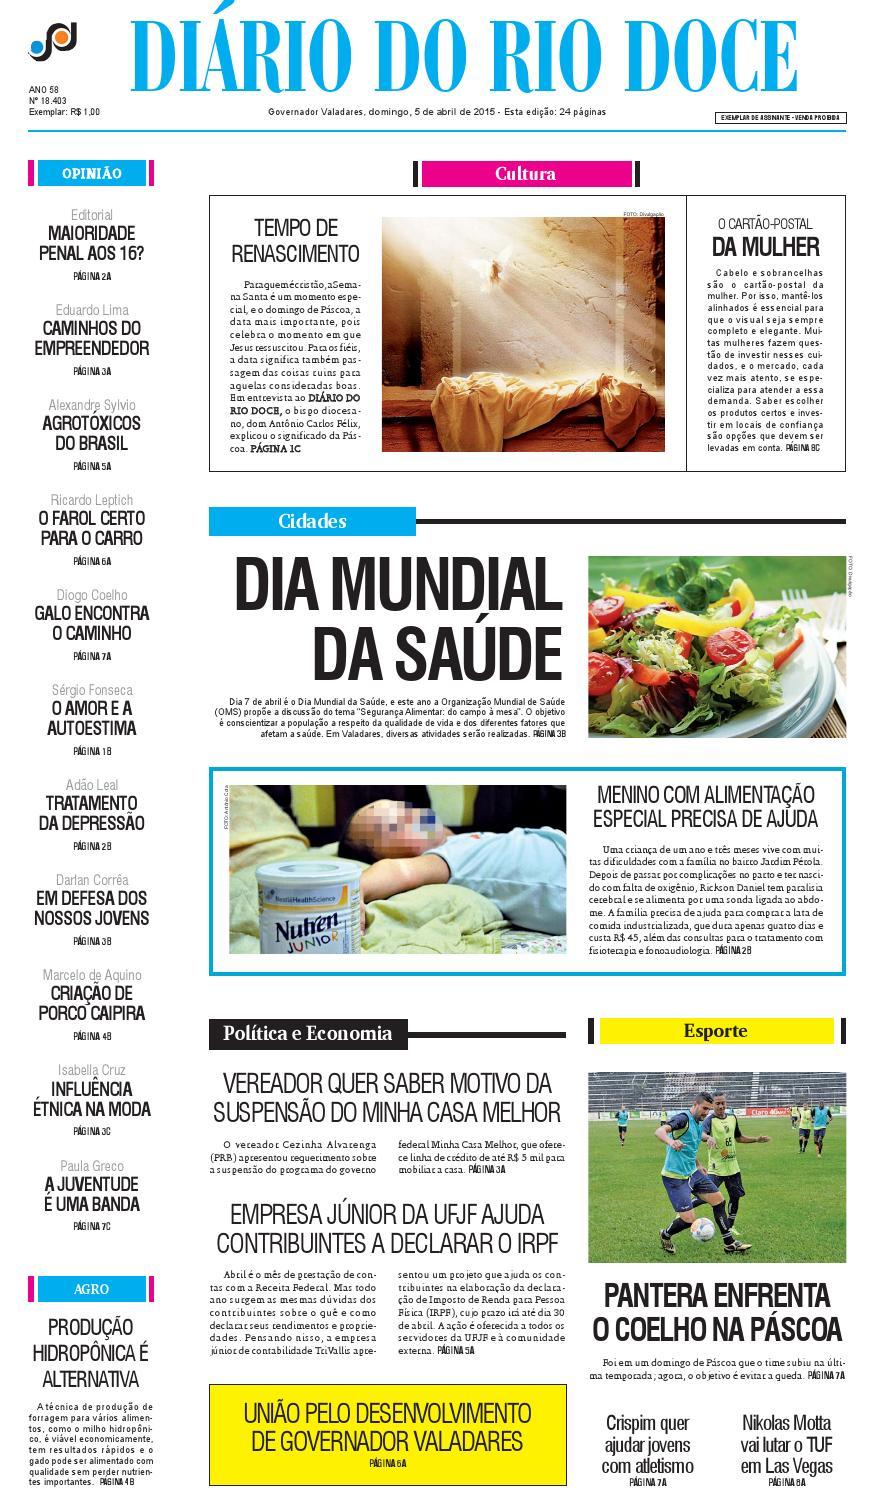 bc4e3b6d0 Diário do Rio Doce - Edição de 05/04/2015 by Diário do Rio Doce - issuu